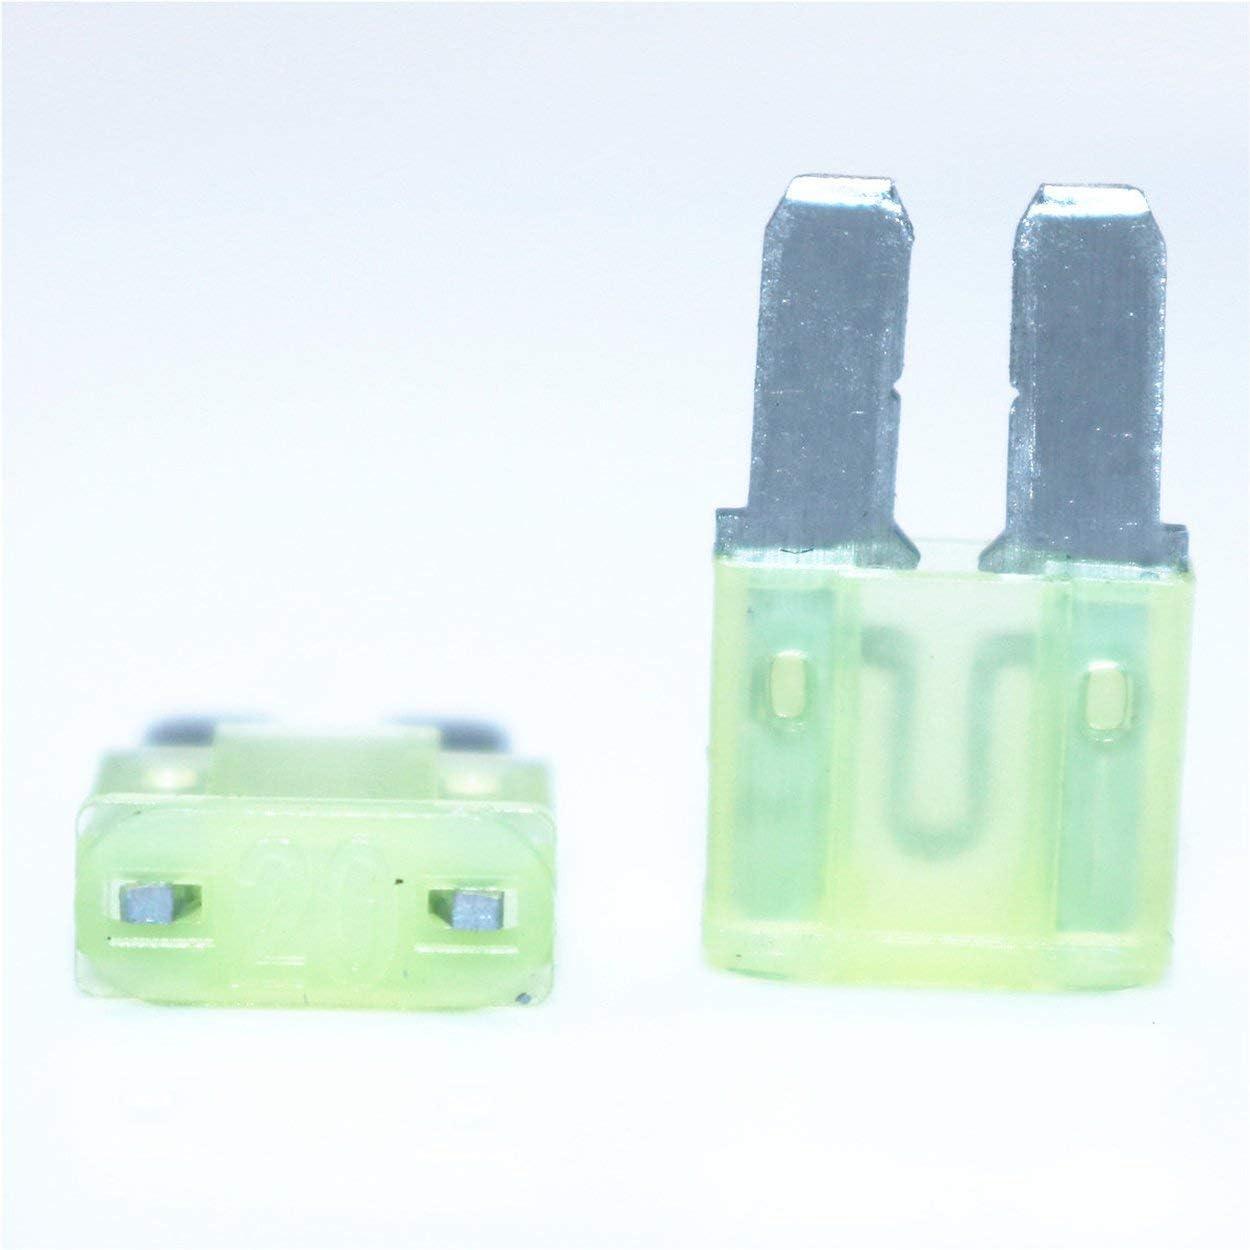 Lorenlli F/ür Micro2 ATR Automotive Sicherungen Sortiert 10 St/ück Lumision 5A 7.5A 10A 15A 20A Set Pak Auto Insurance Tablets